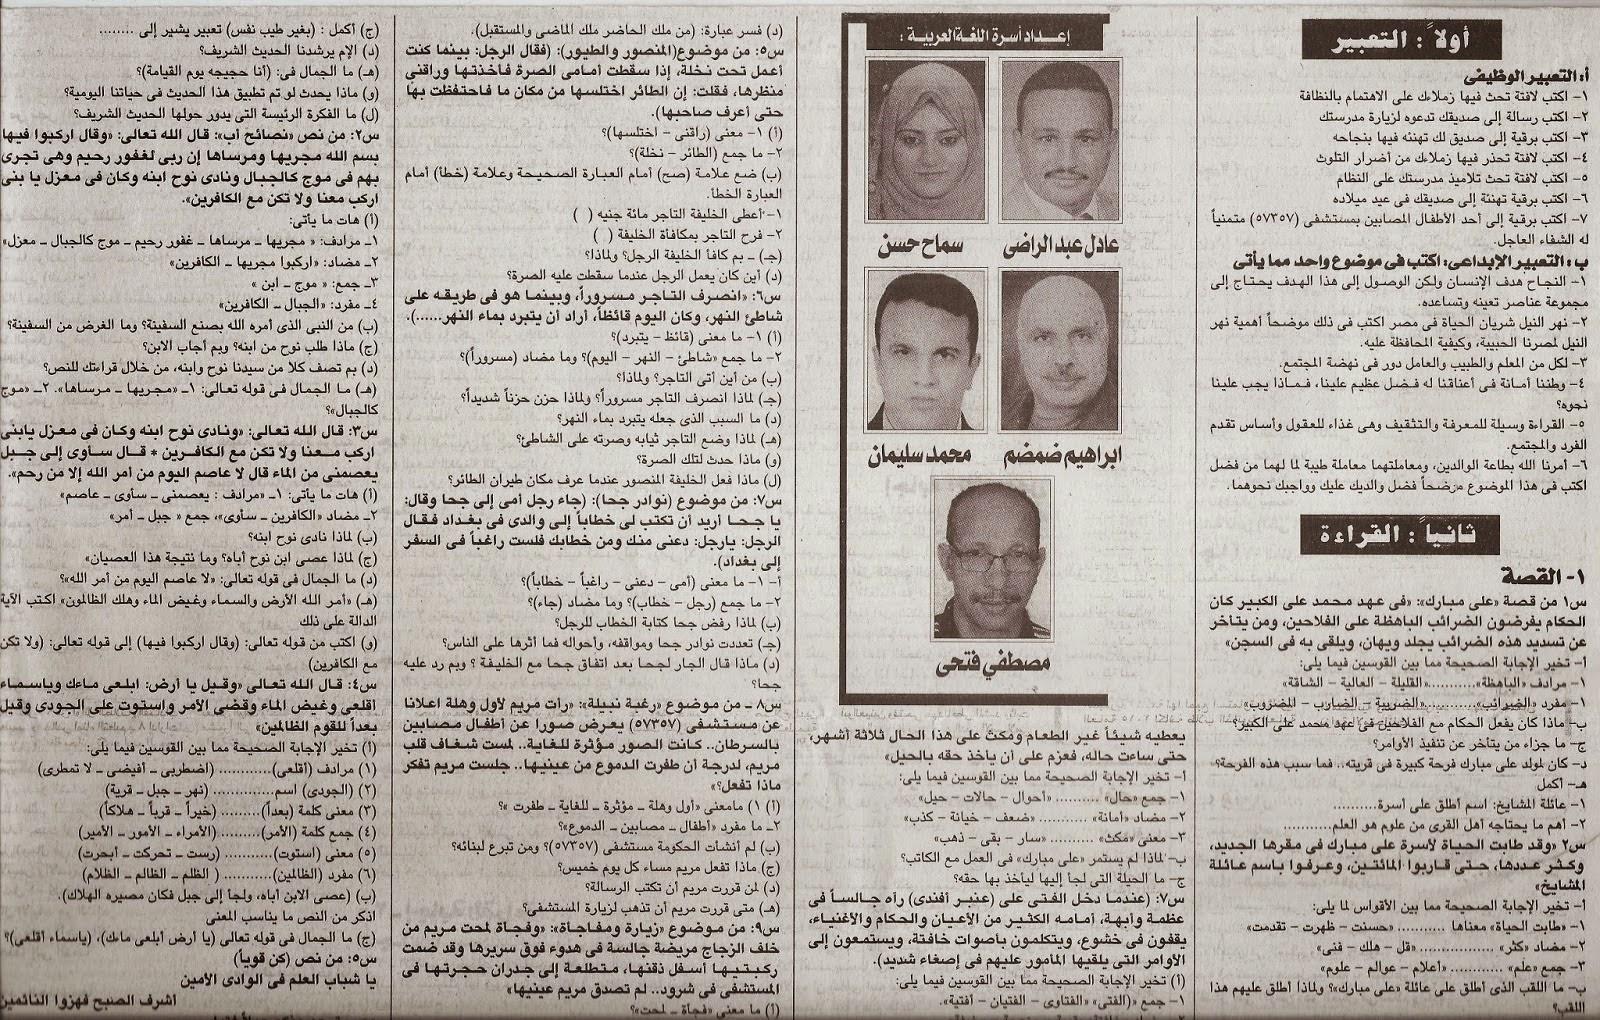 كل مراجعات ملاحق الجمهورية للترم الأول 2015 للشهادة الإبتدائية المنهاج المصري scan0116.jpg